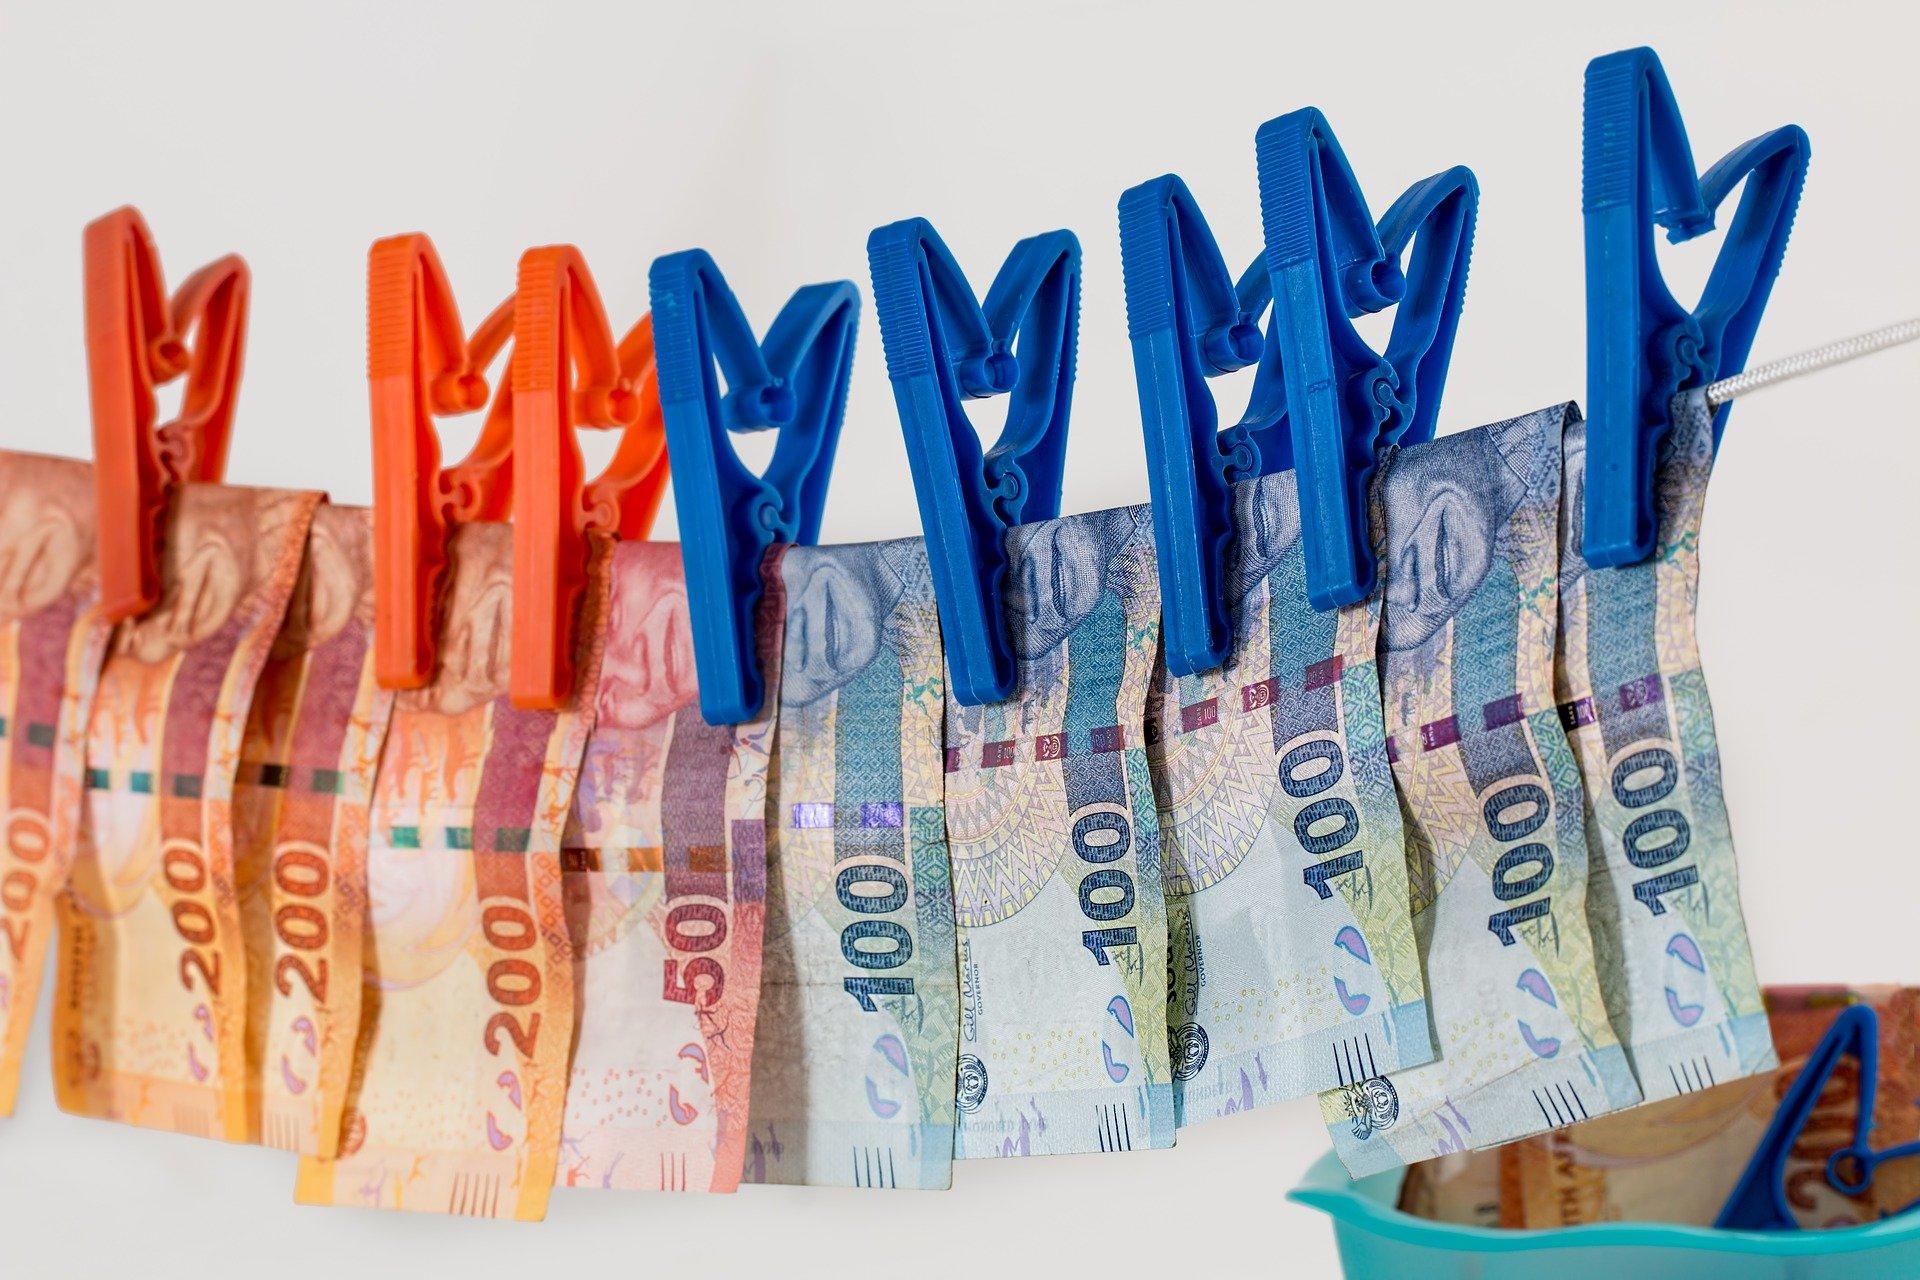 Антикоррупционный комплаенс и внутренний контроль в целях противодействия легализации преступных доходов и финансированию терроризма (ПОД/ФТ): сравнительные аспекты и лучшие практики внедрения